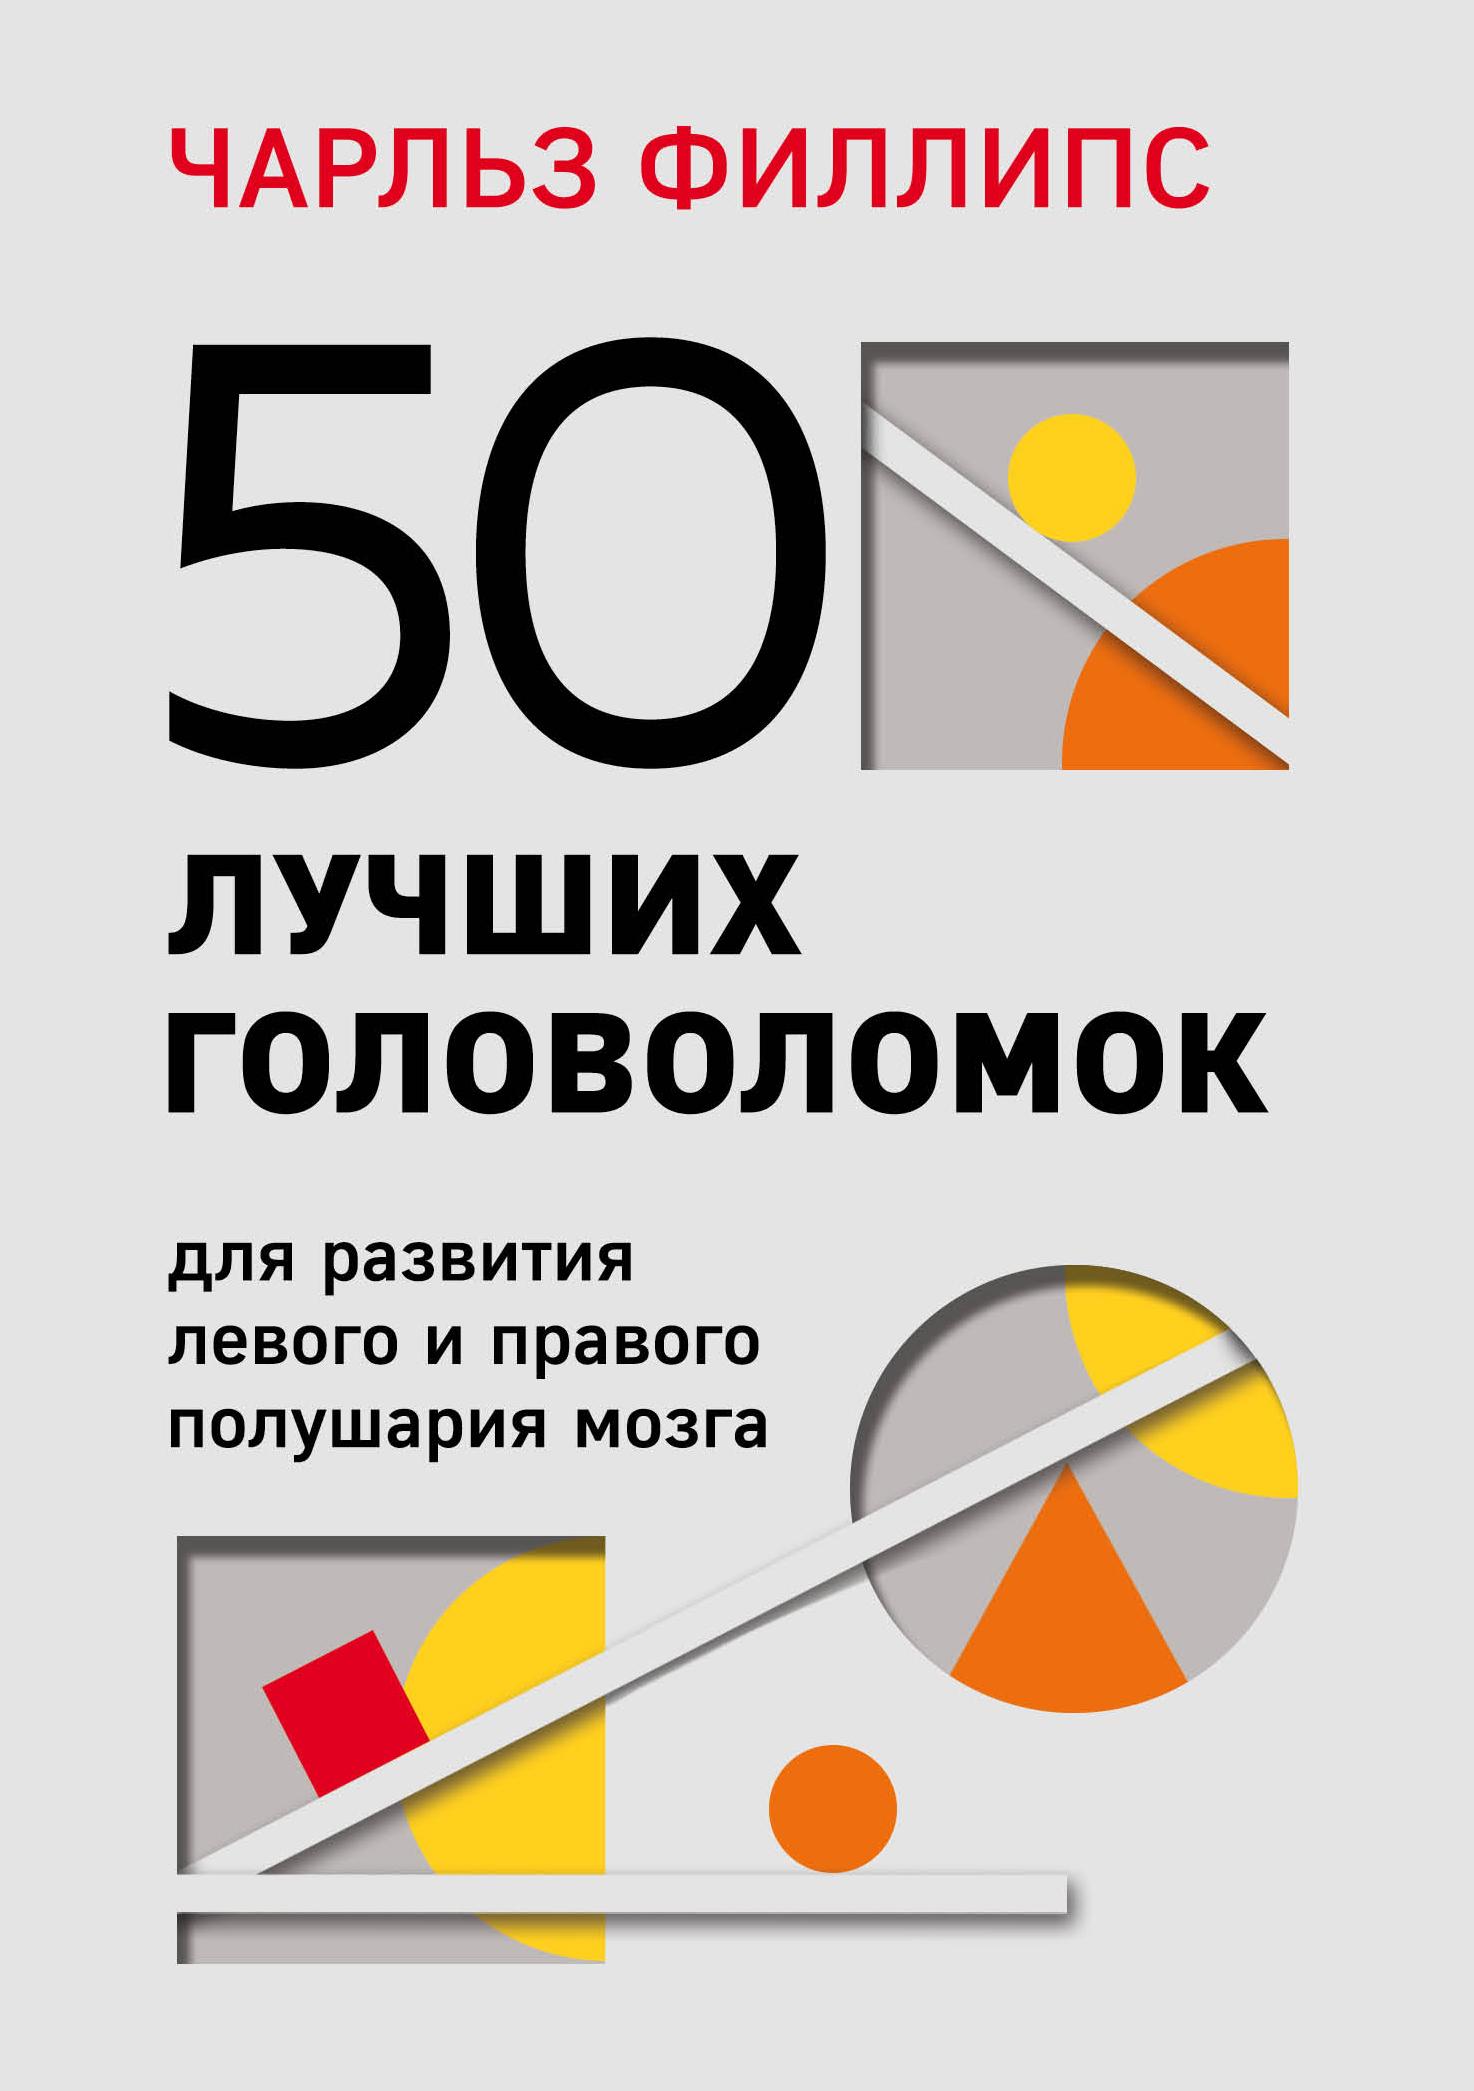 Чарльз Филлипс 50 лучших головоломок для развития левого и правого полушария мозга чарльз филлипс левое и правое полушарие 25 25 задач для всесторонней тренировки мозга